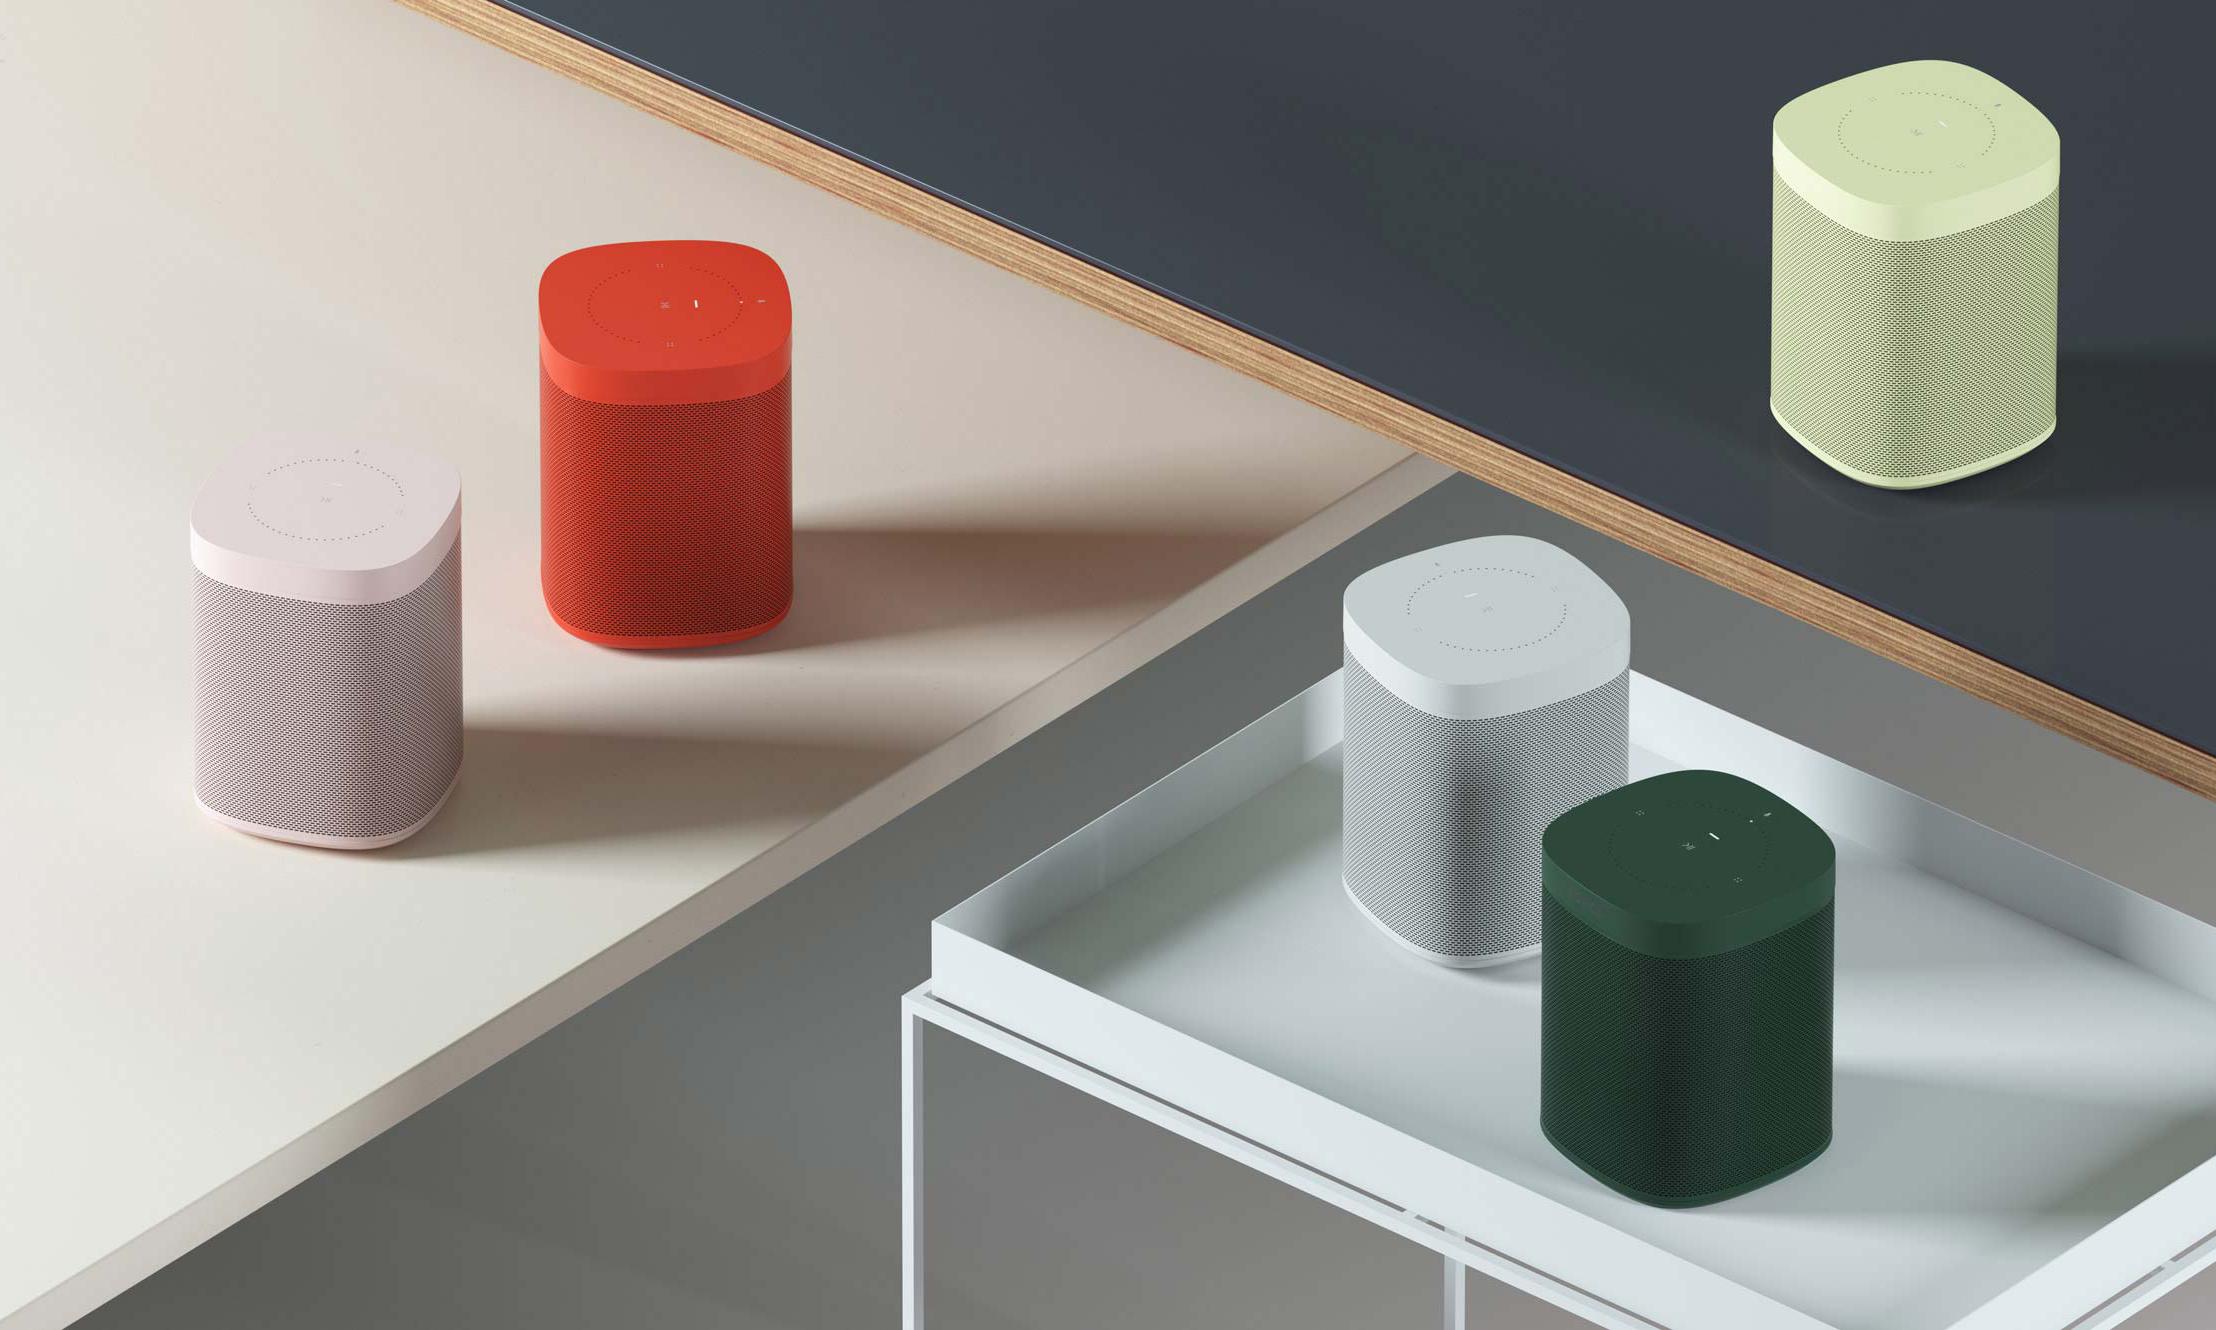 色彩诱惑,Sonos 与 HAY 跨界打造联名款音箱